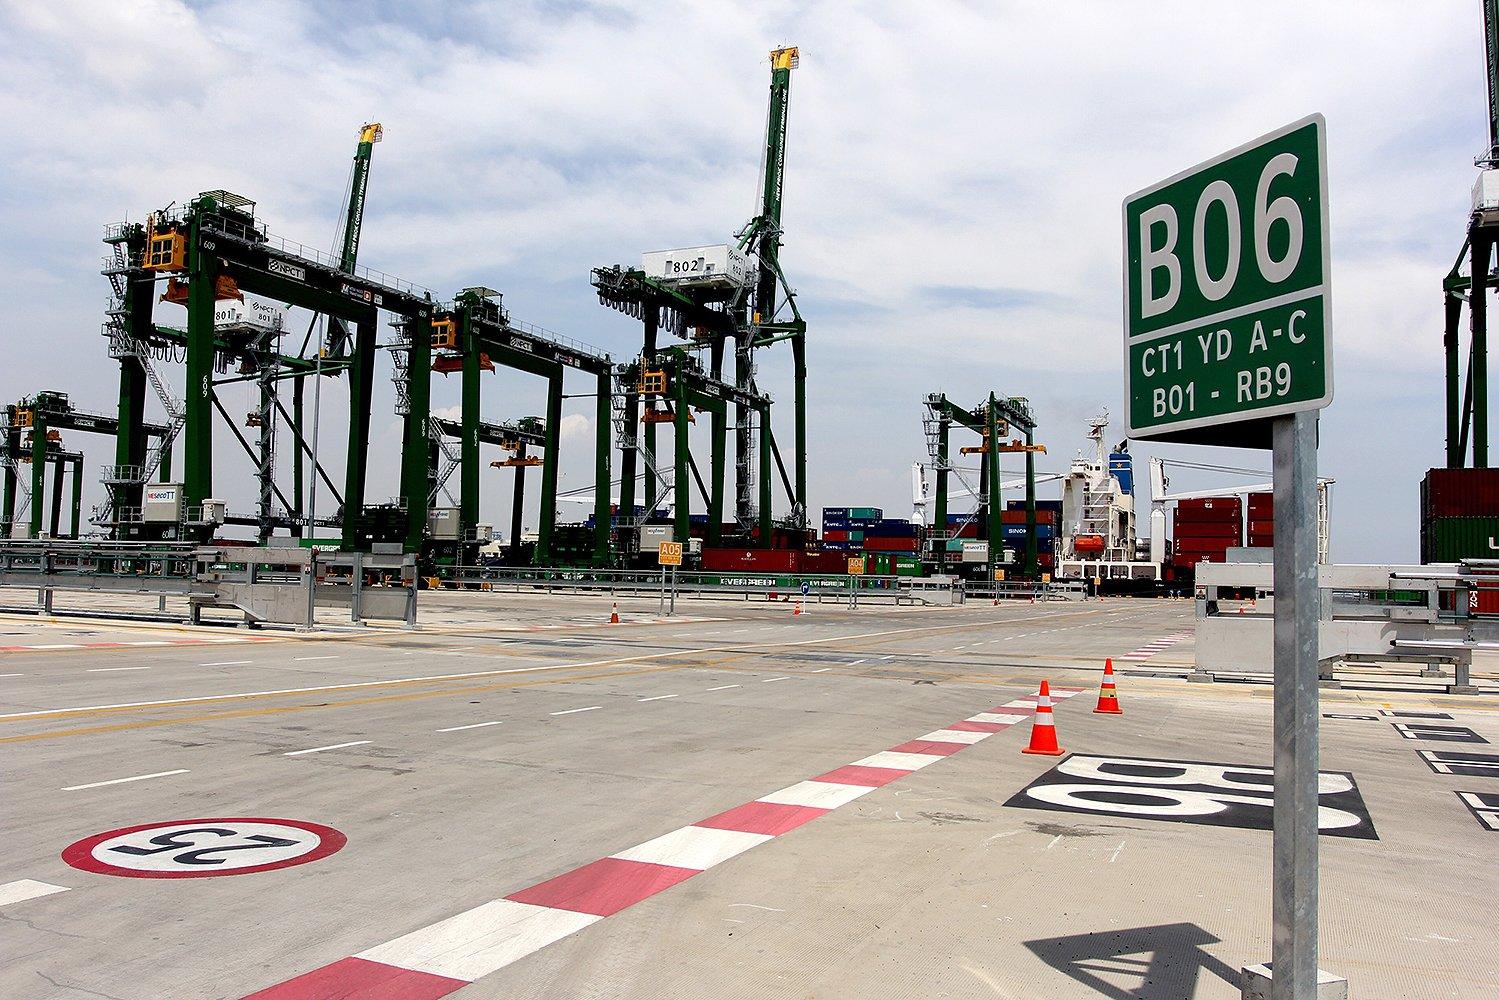 Terminal Petikemas Kalibaru berada di lahan seluas 32 hektare dan kapasitas penampungan kontainer sebesar 1,5 juta TEUs per tahun. Dengan total panjang dermaga 850 meter pada akhir 2016, terminal baru ini diproyeksikan dapat melayani kapal petikemas dengan kapasitas I3 ribu - 15 ribu TEUs dengan bobot di atas 150 ribu DWT.